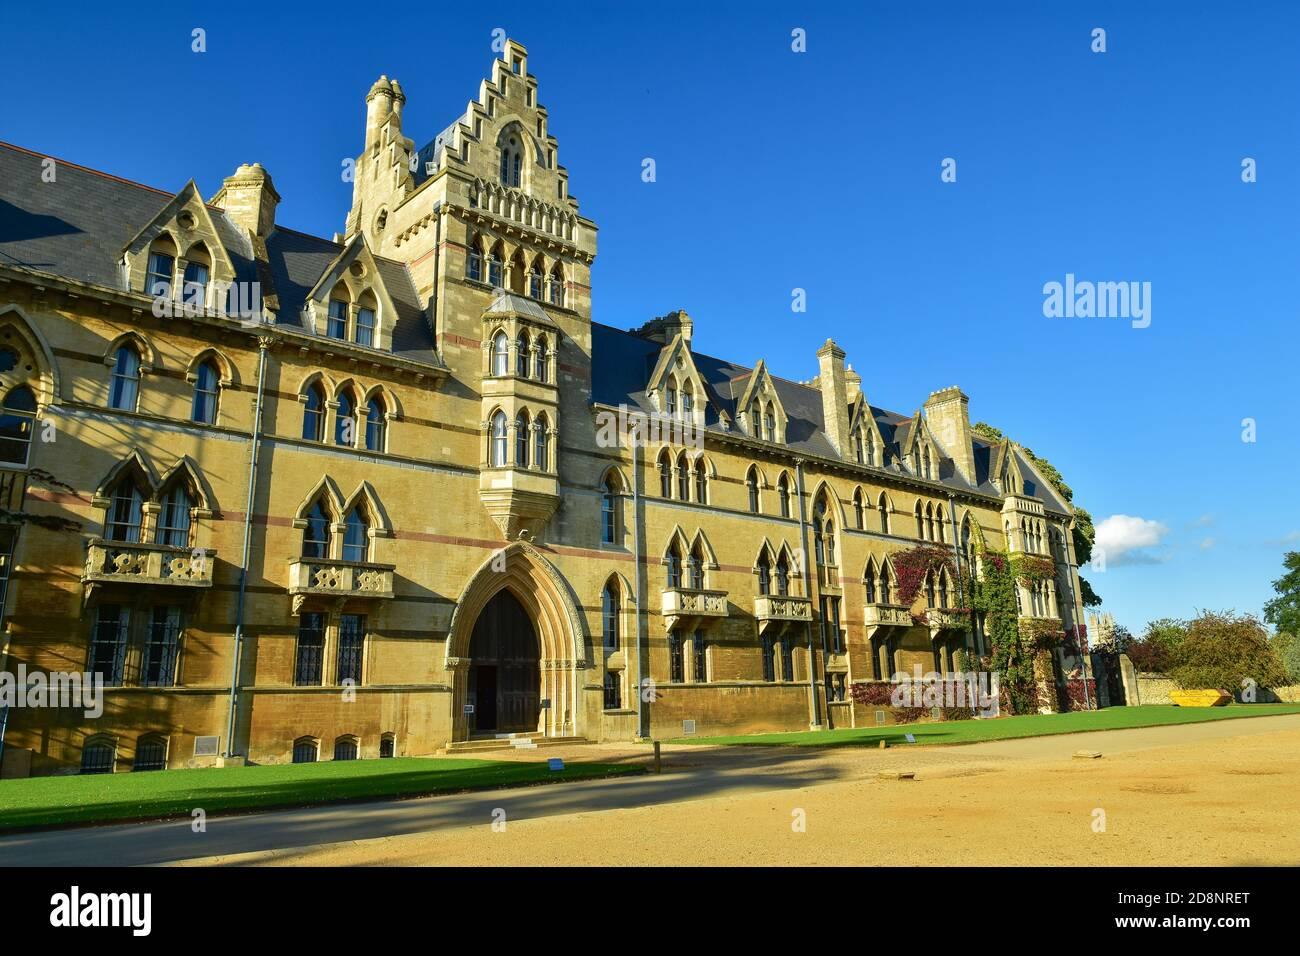 La iglesia Meadow Building of Christ, un colegio constituyente de la Universidad de Oxford en Inglaterra Foto de stock